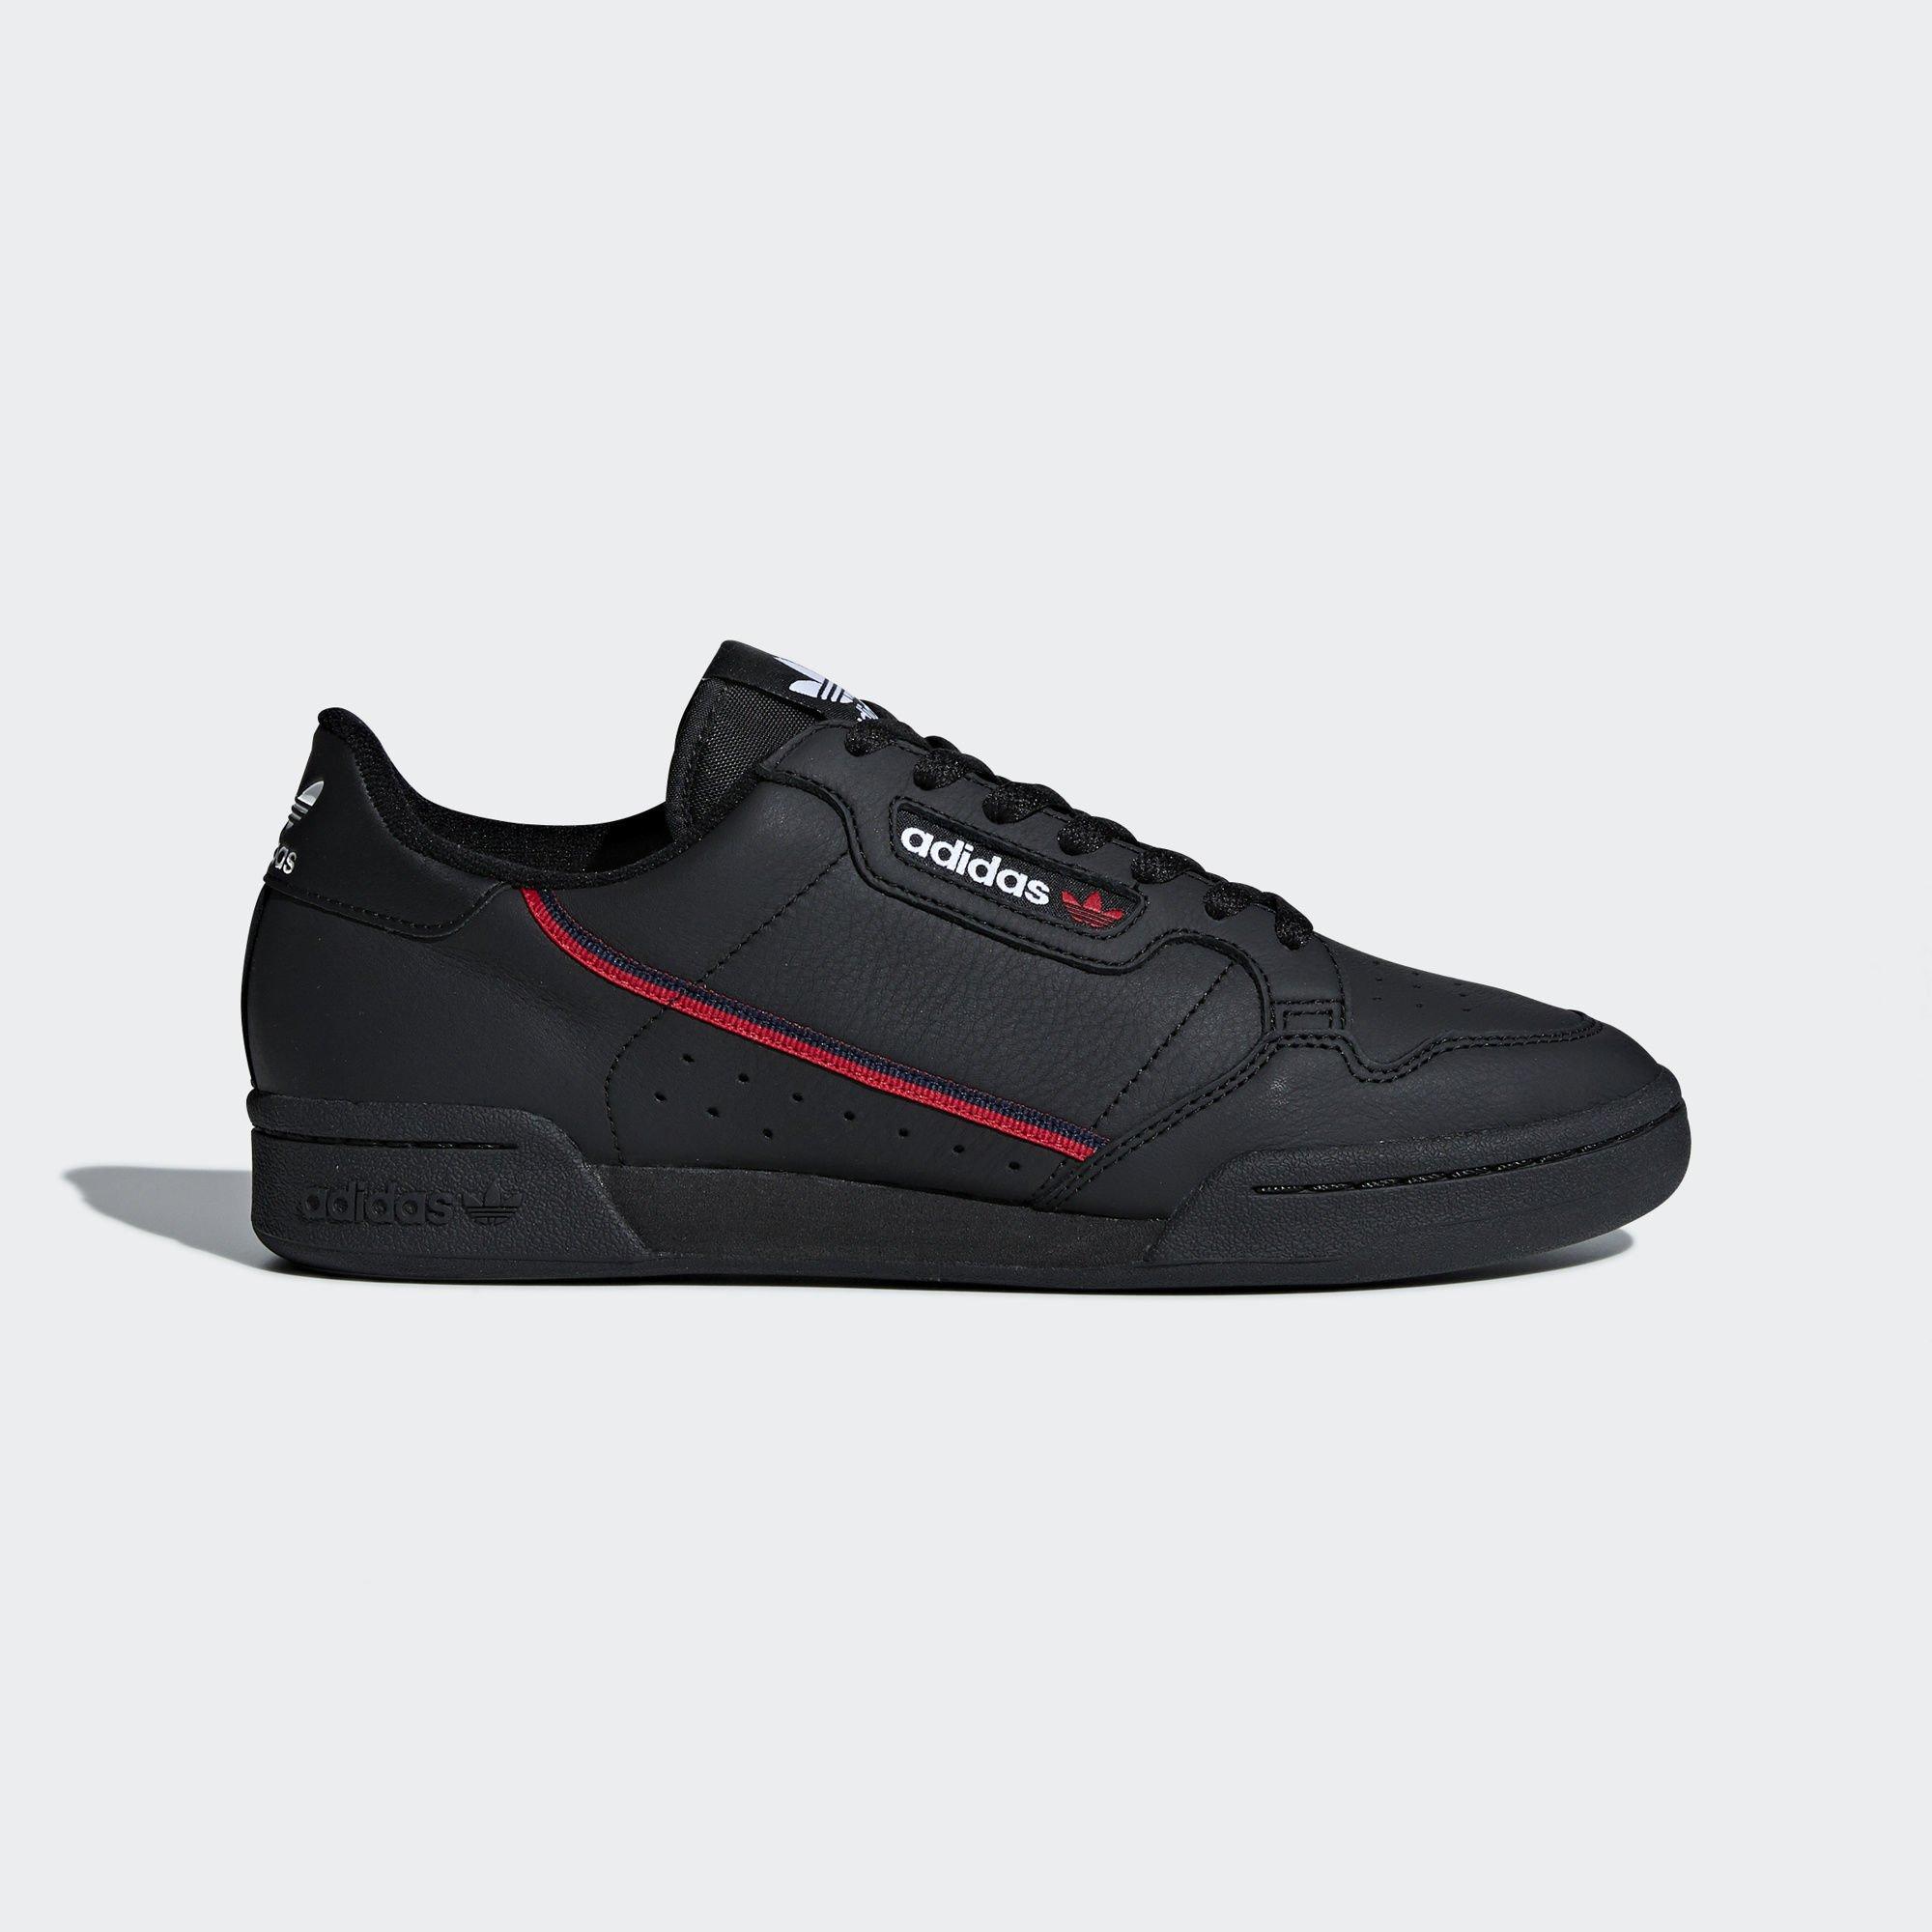 adidas Rascal 'Black' (B41672)